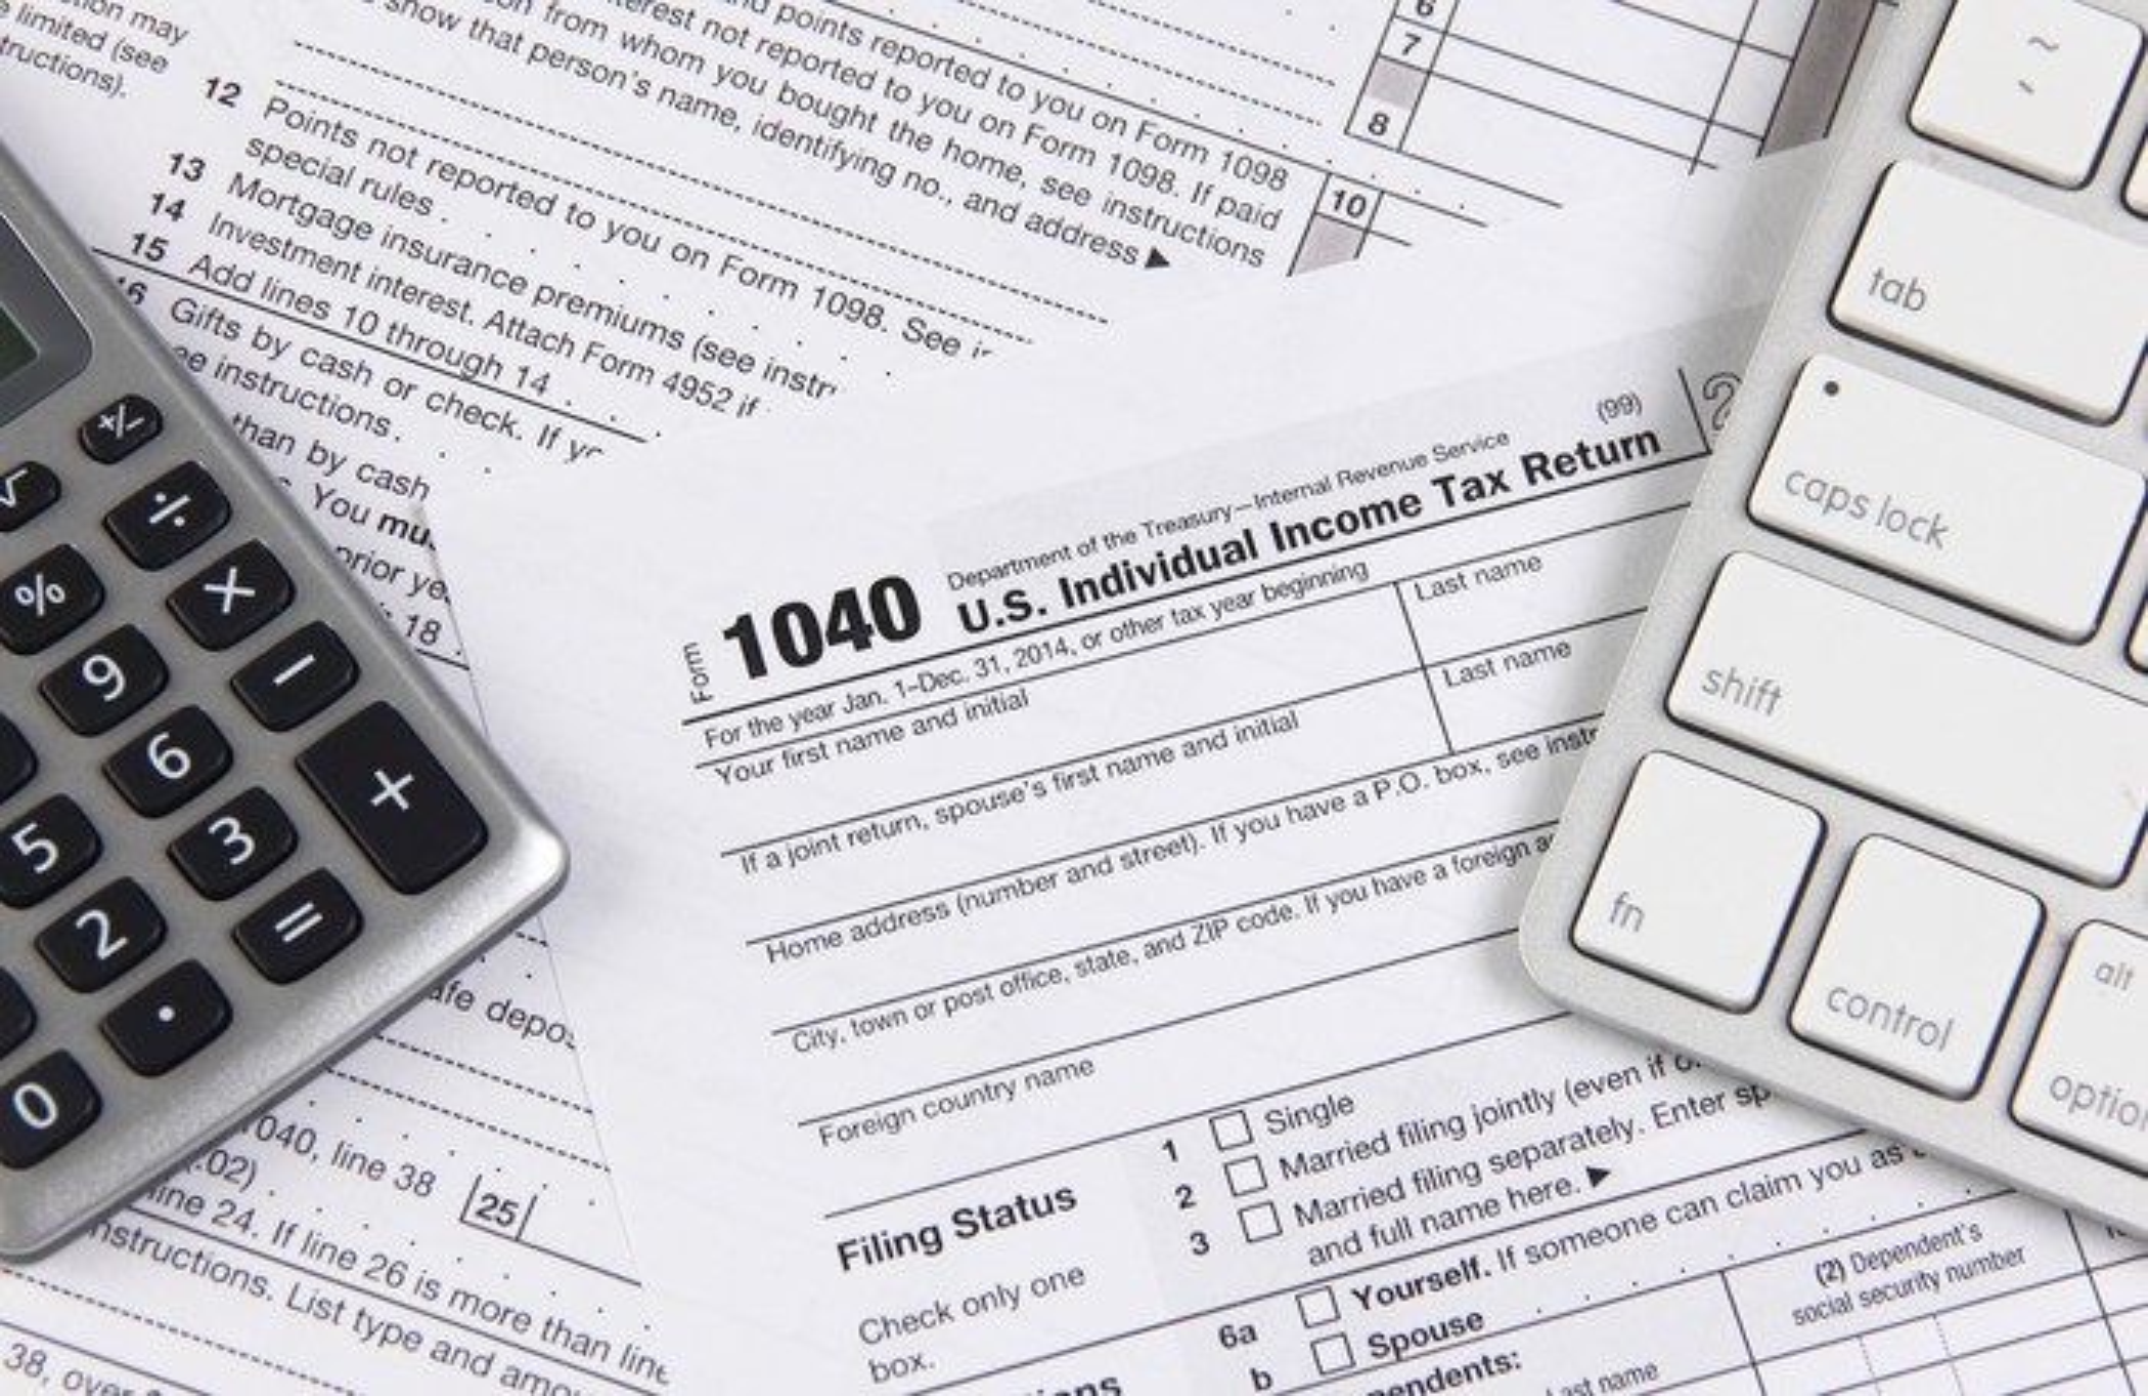 1040 tax form.